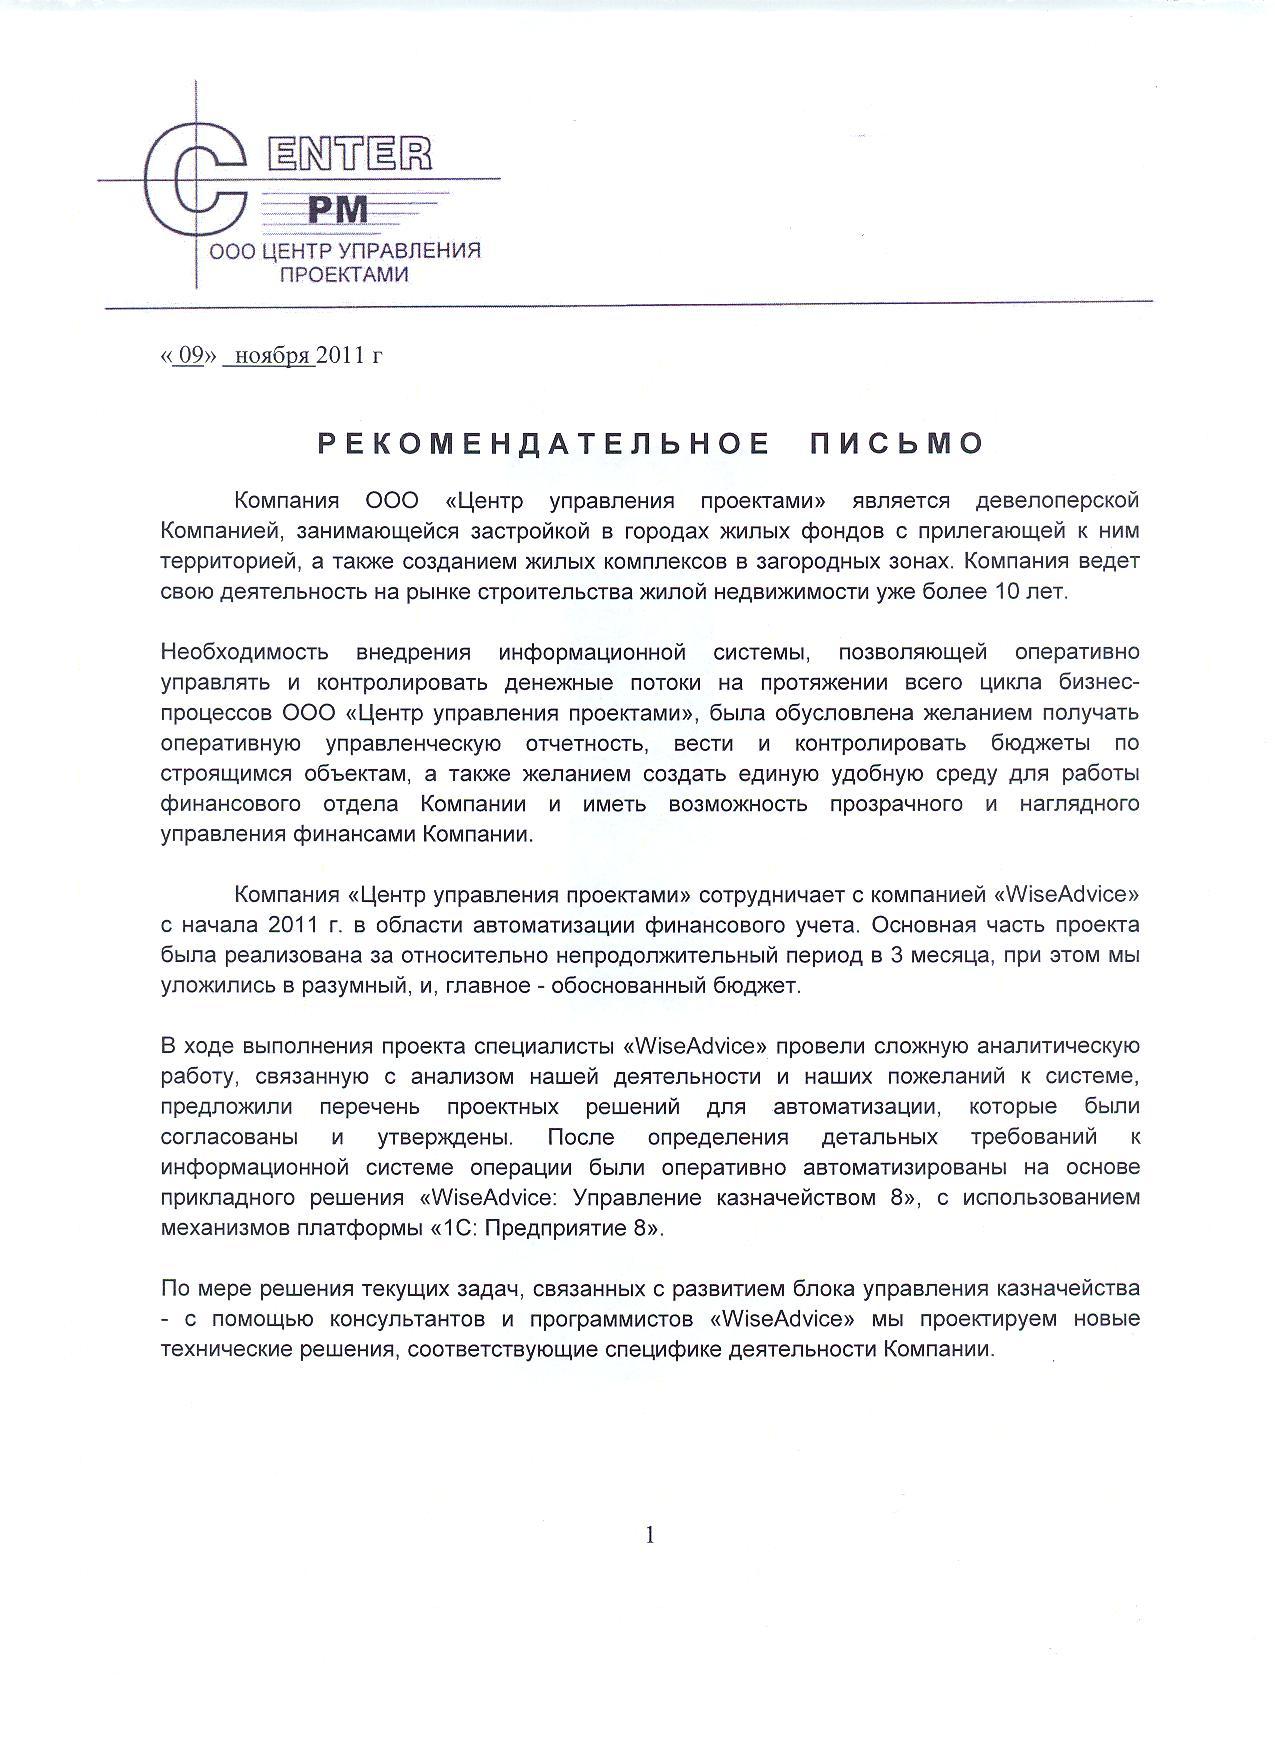 Девелоперская компания «Центр управления проектами» отзыв